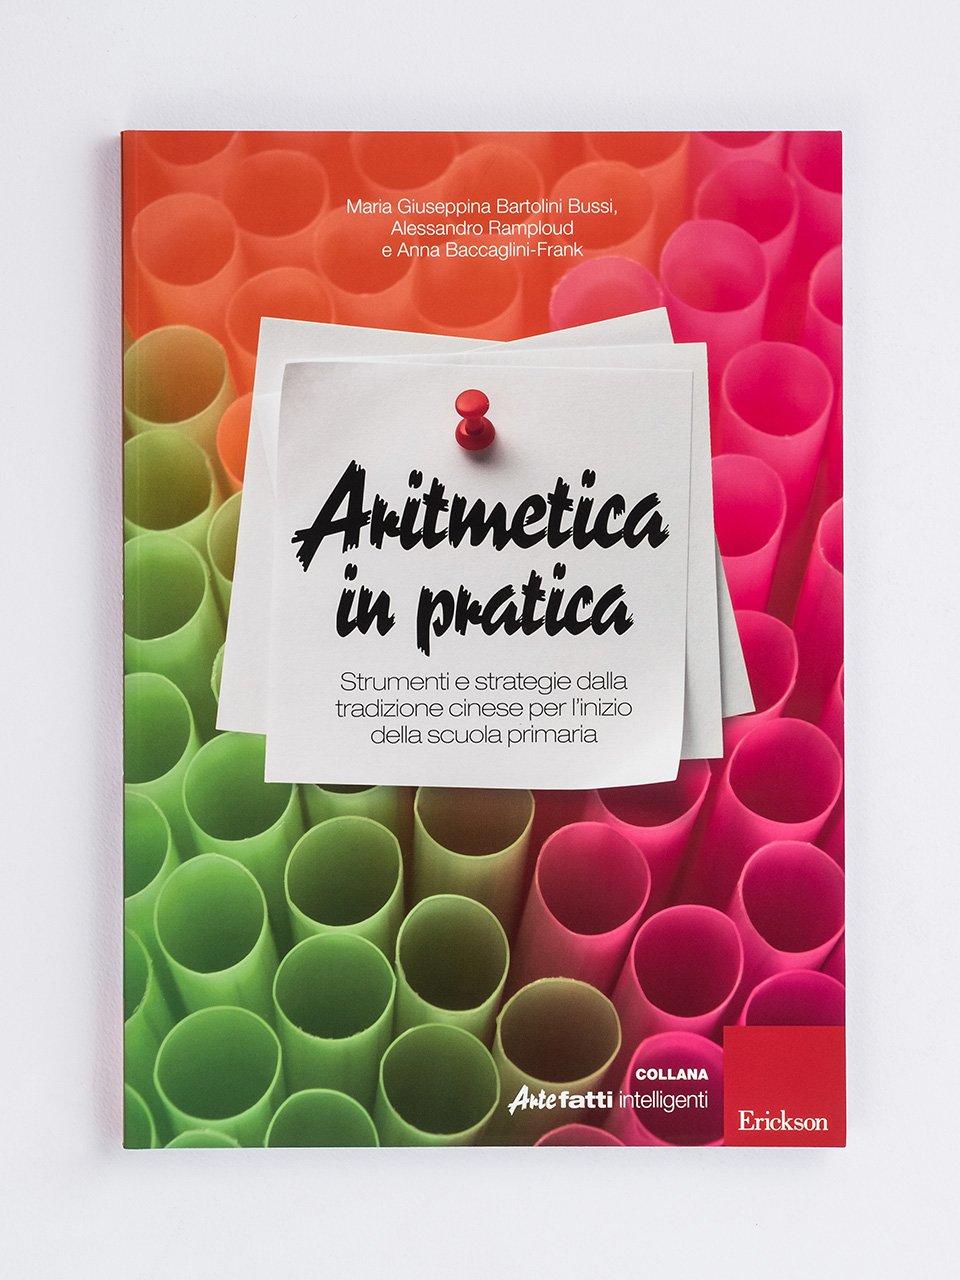 Aritmetica in pratica - Laboratorio discalculia - Libri - Erickson